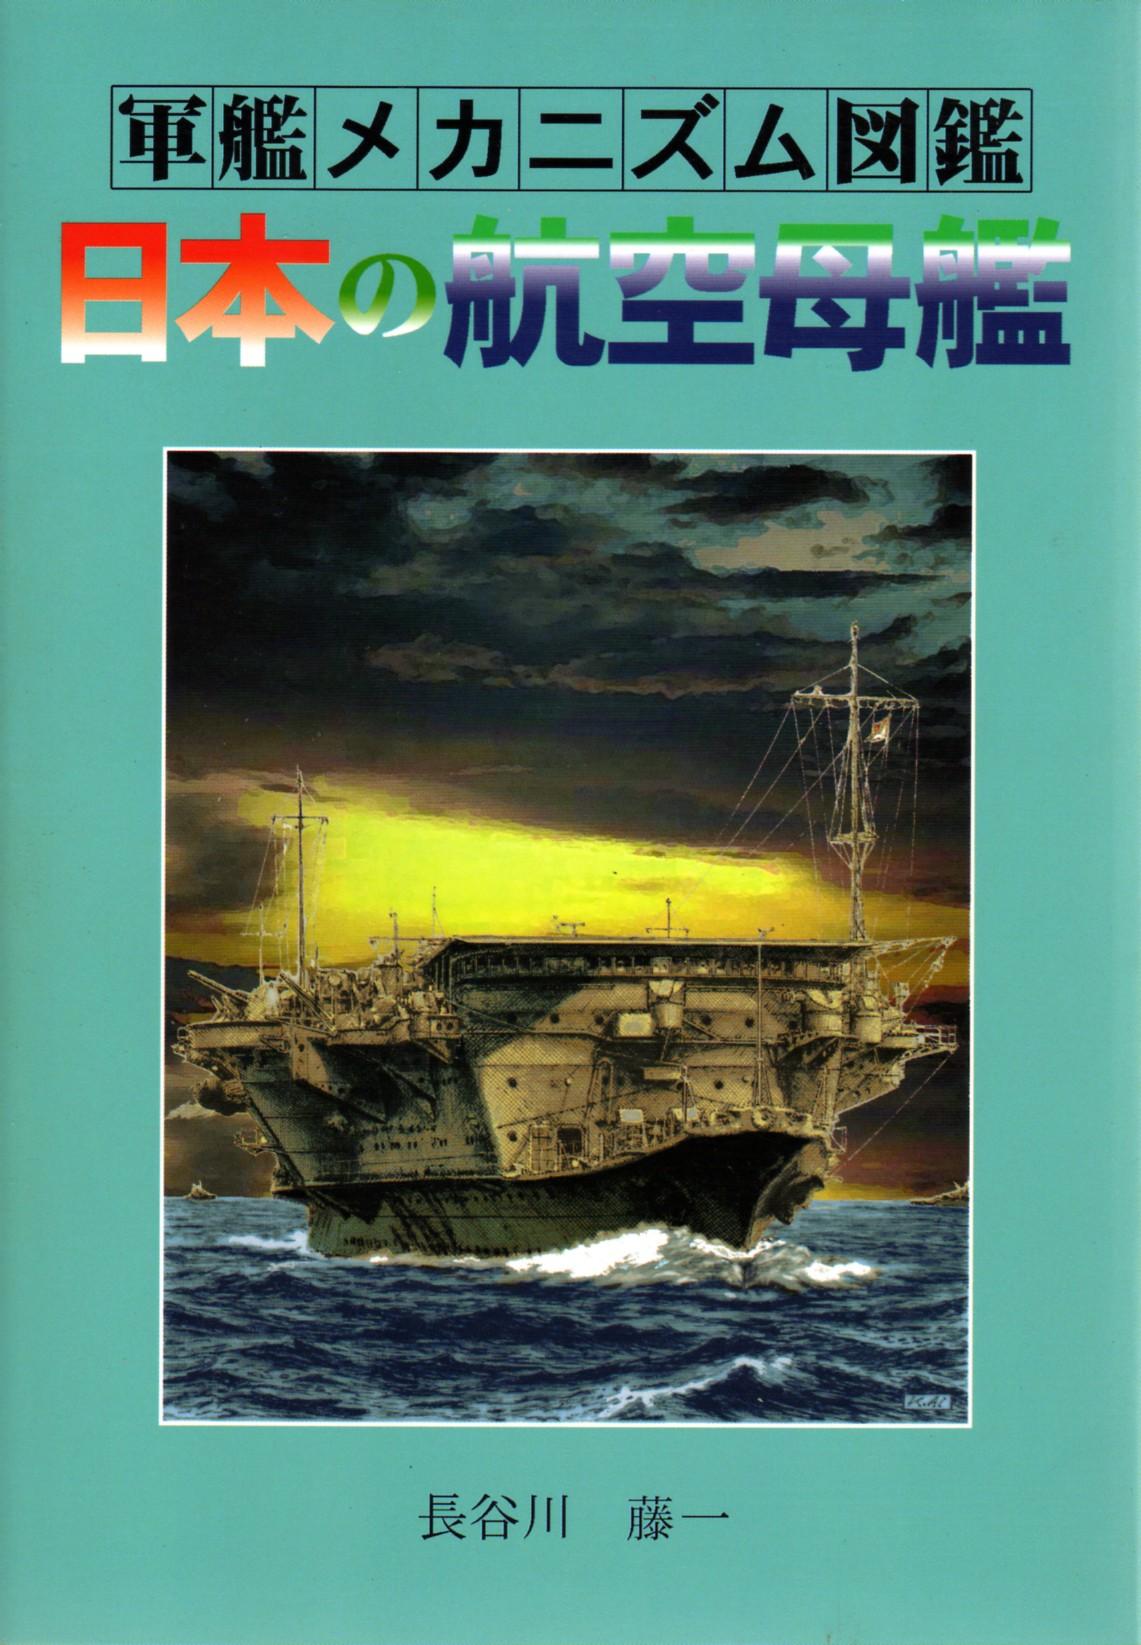 日本の航空母艦